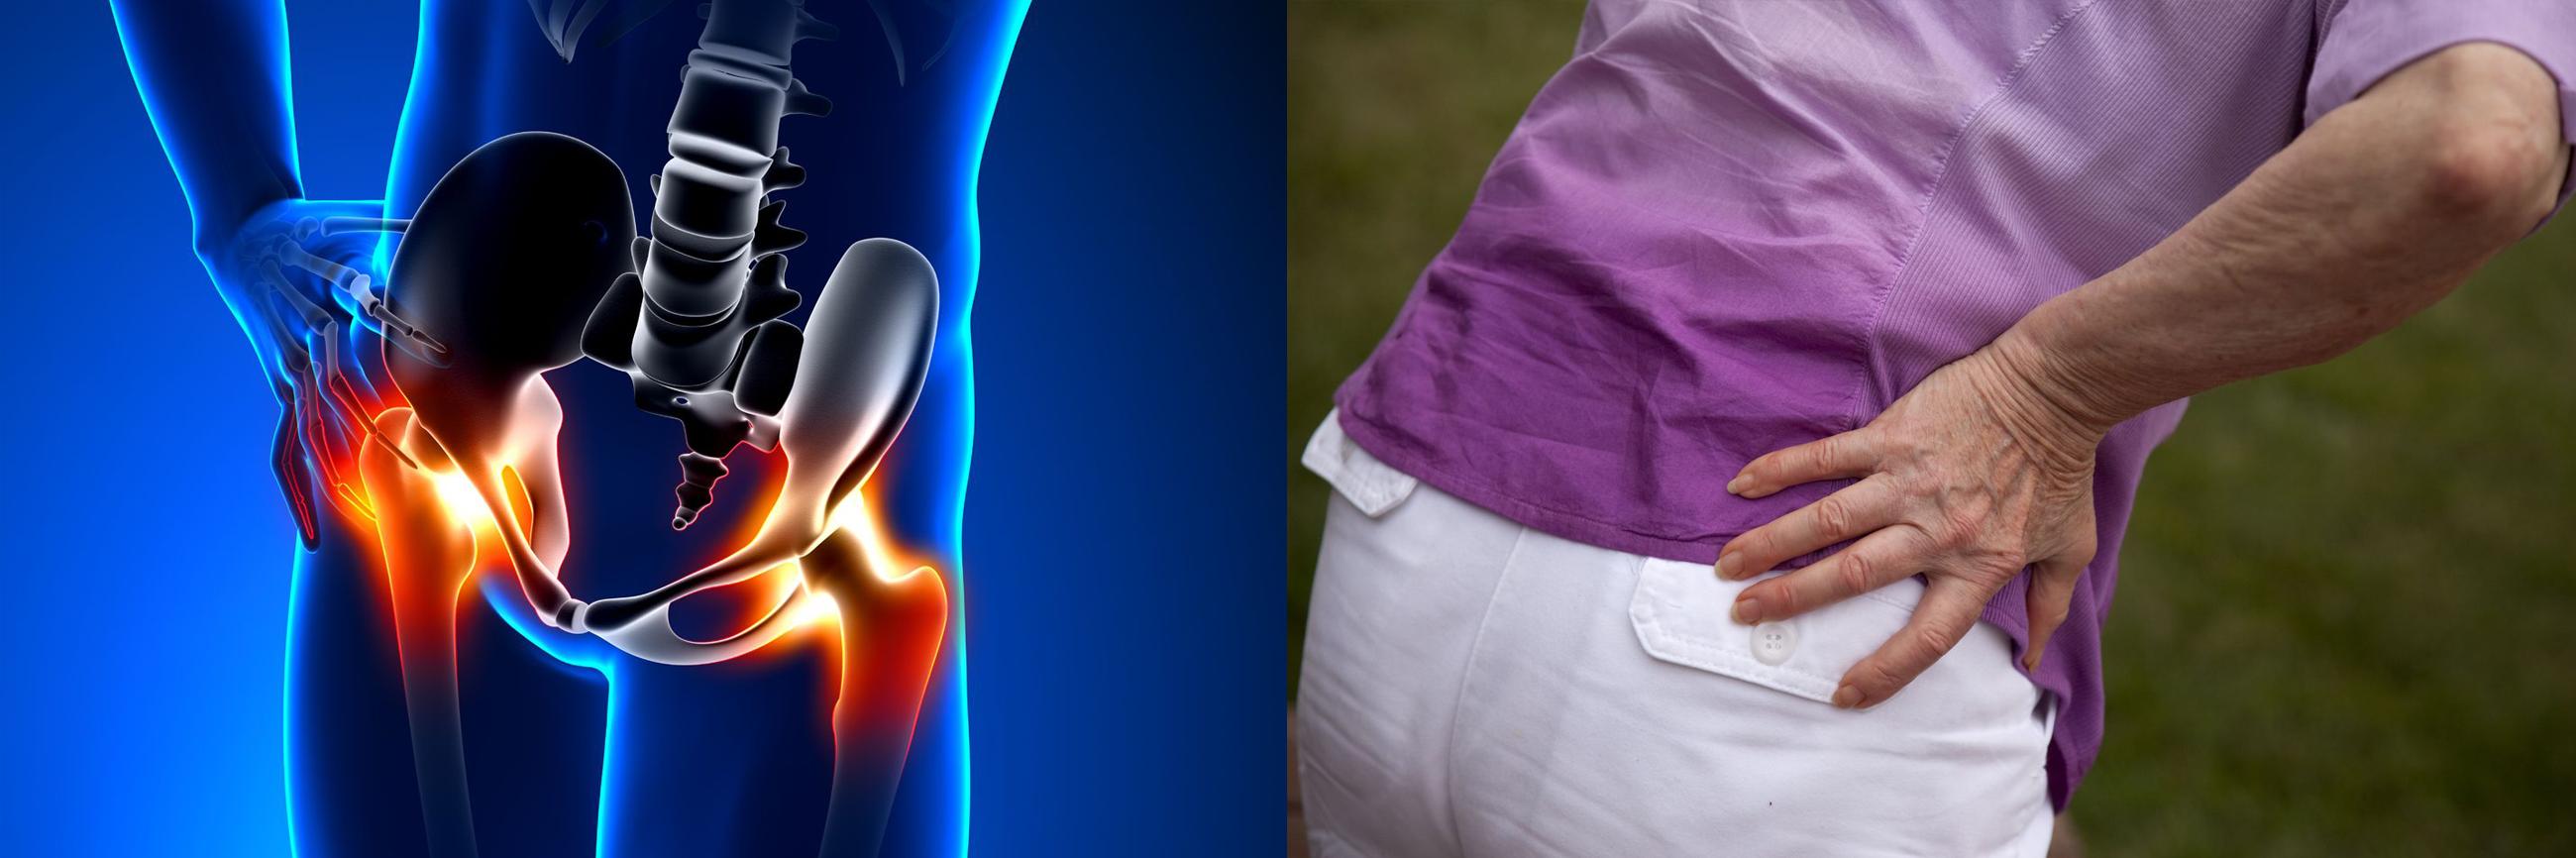 hogyan lehet megtudni, mi a fáj a csípőízület